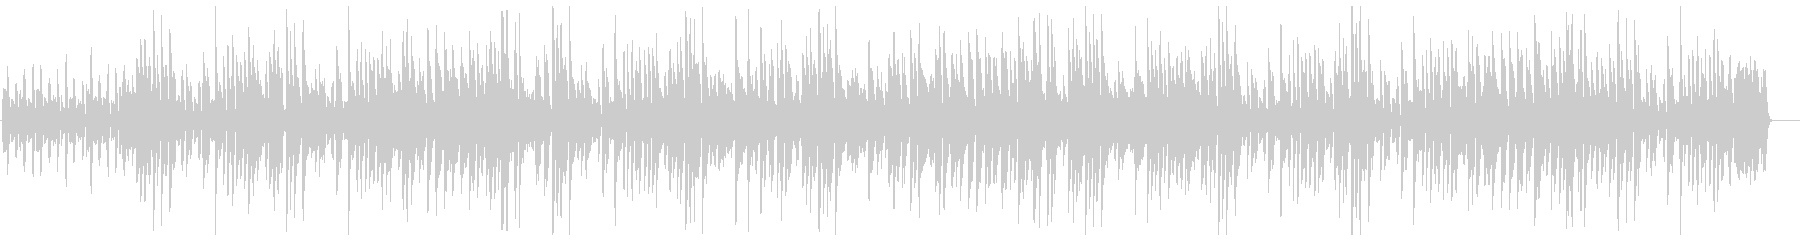 ピアノ・トリオNo.5/ピアノのみの未再生の波形